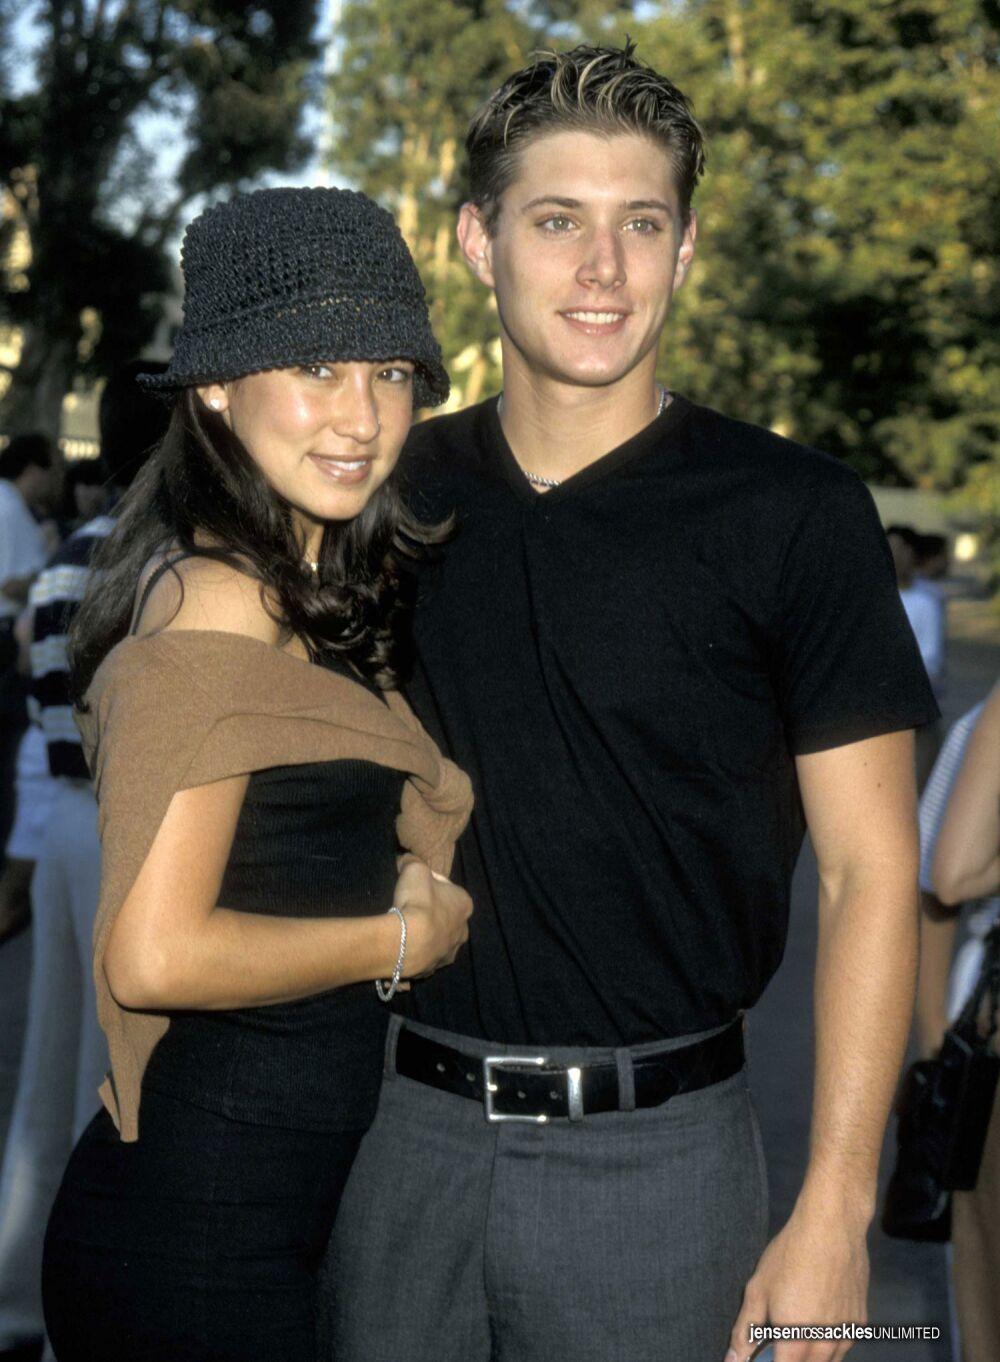 Jensen and his girlfri...